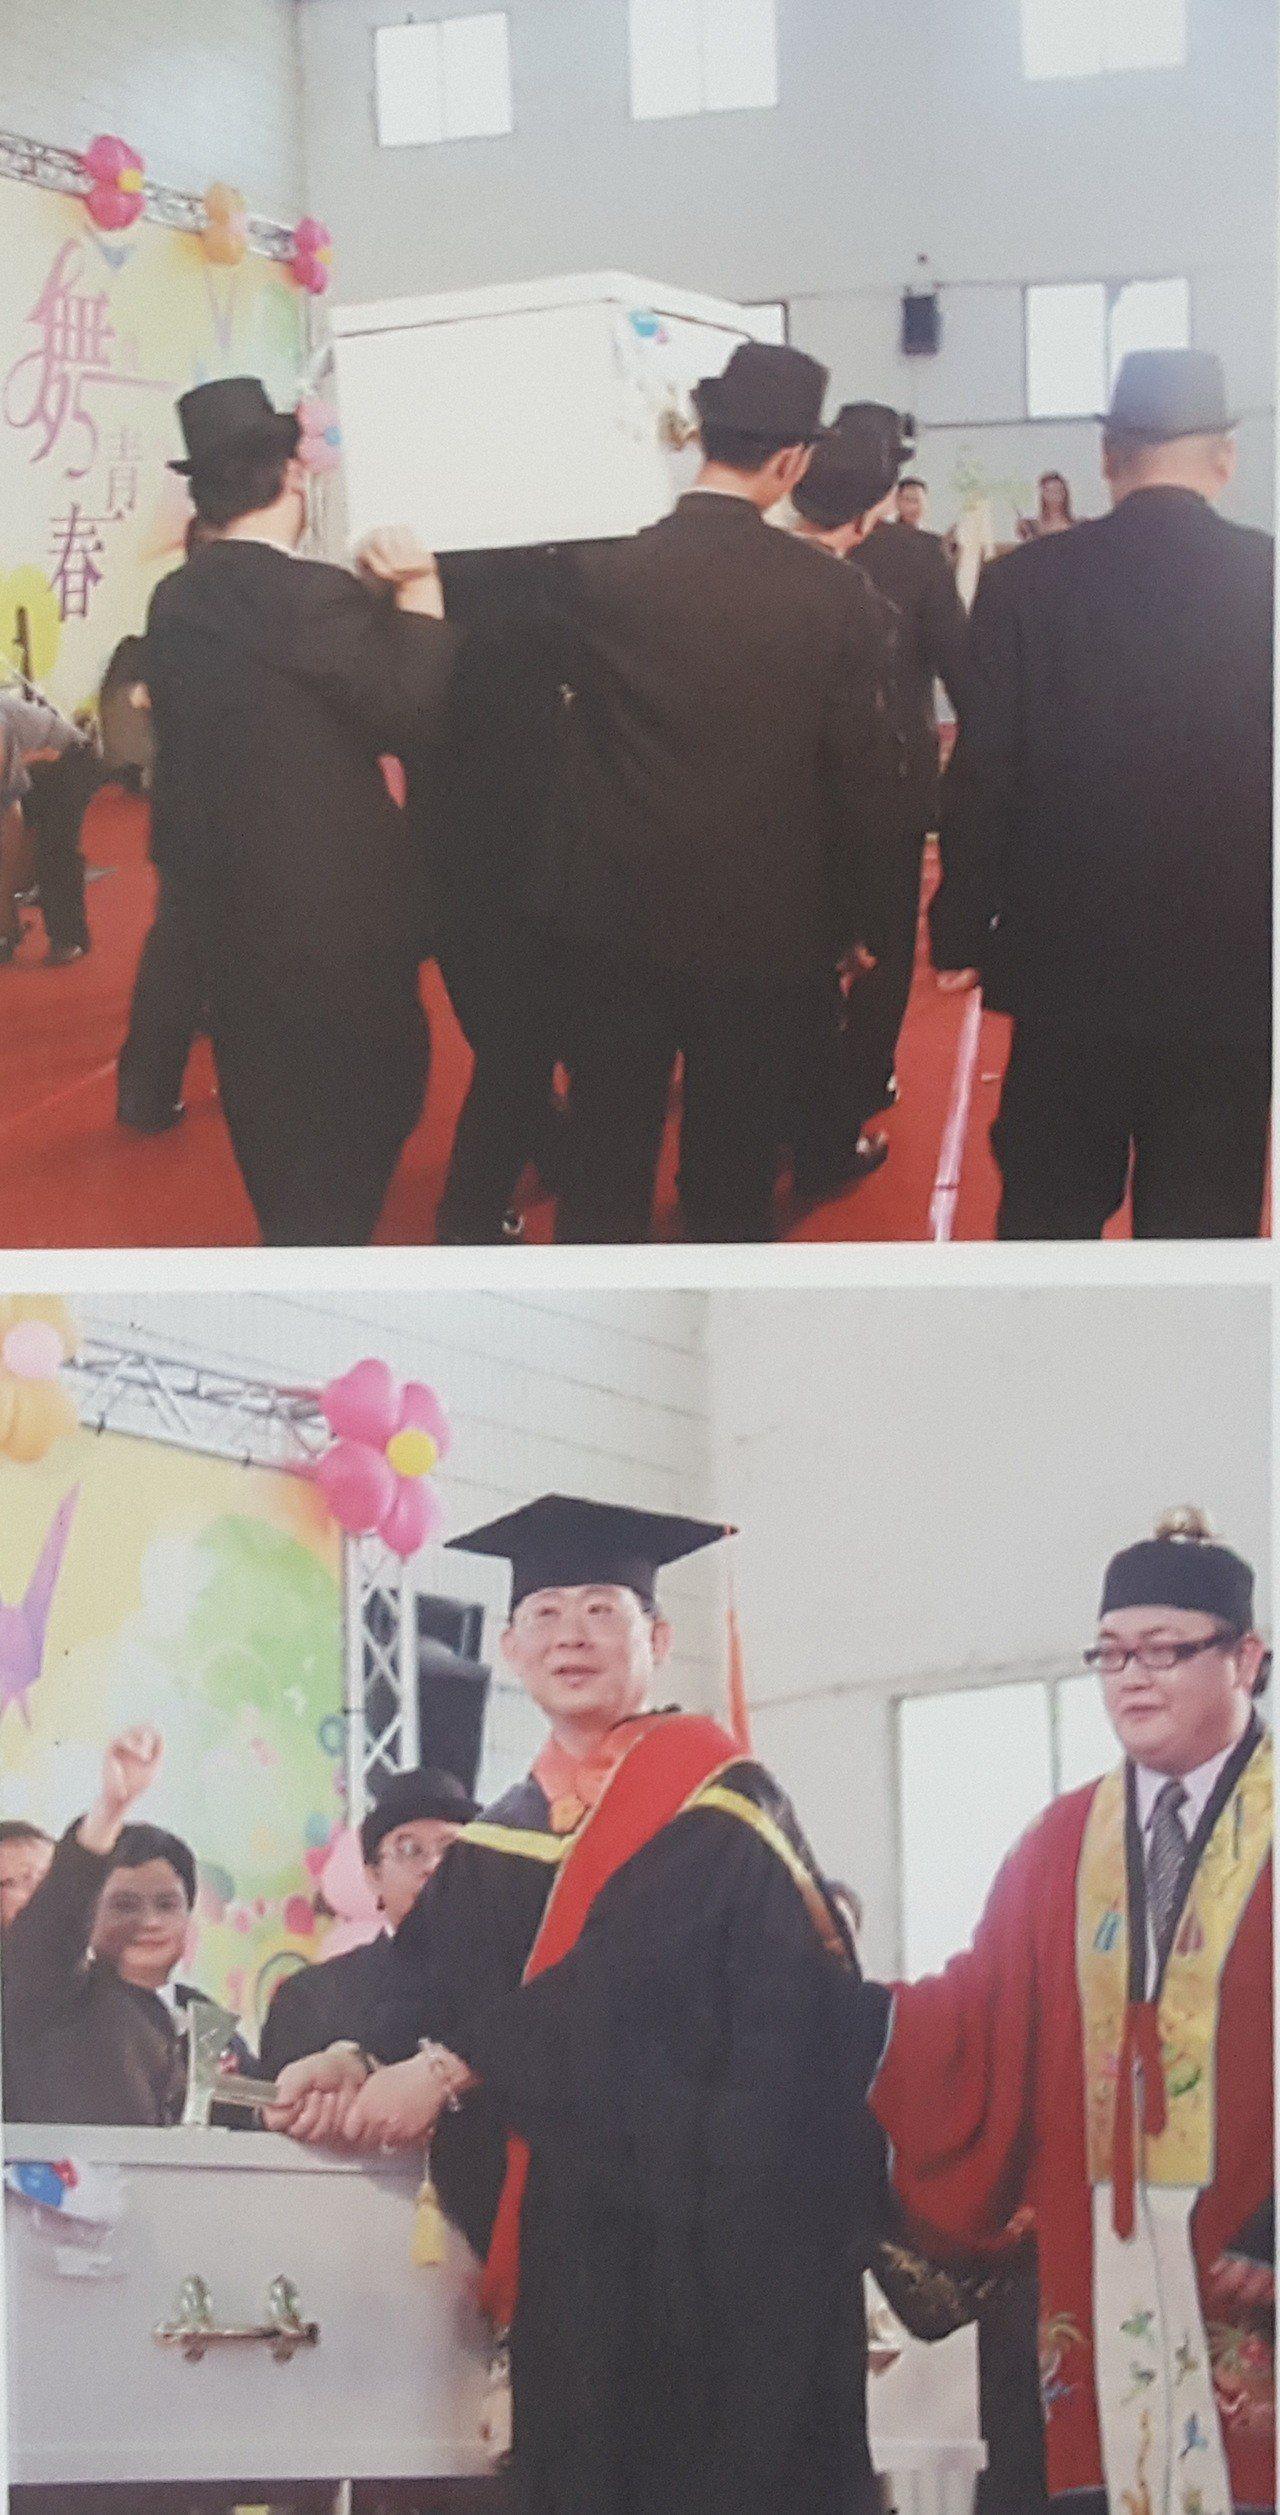 仁德生關科學生往年在畢業典禮大玩創意,曾出現抬棺、法師引導進場、畢業生穿壽衣等場...